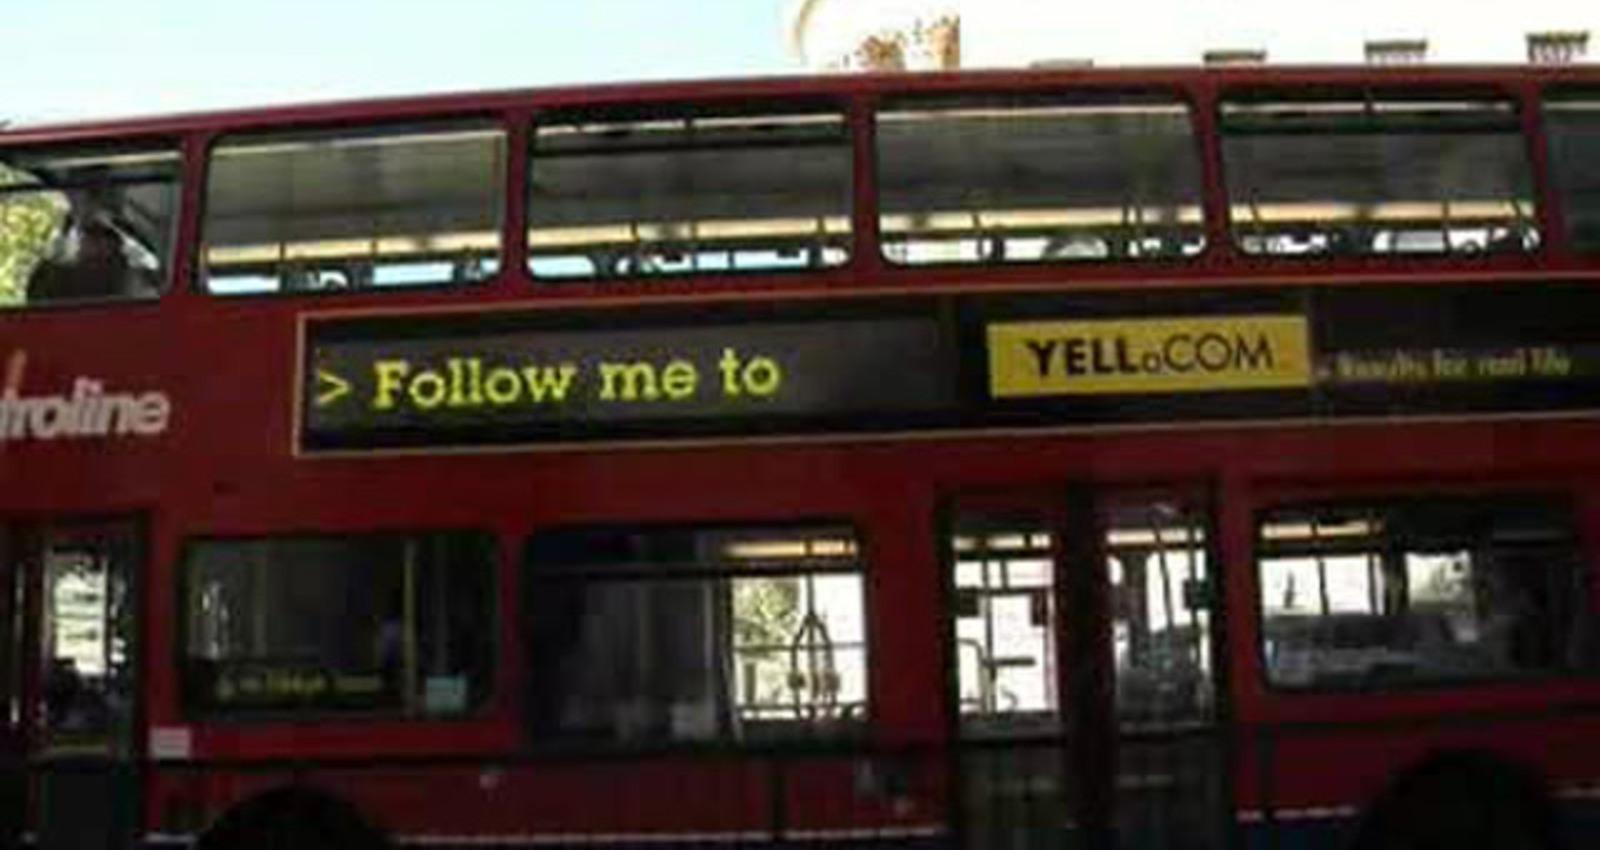 Yell.com GPS Bus Ads